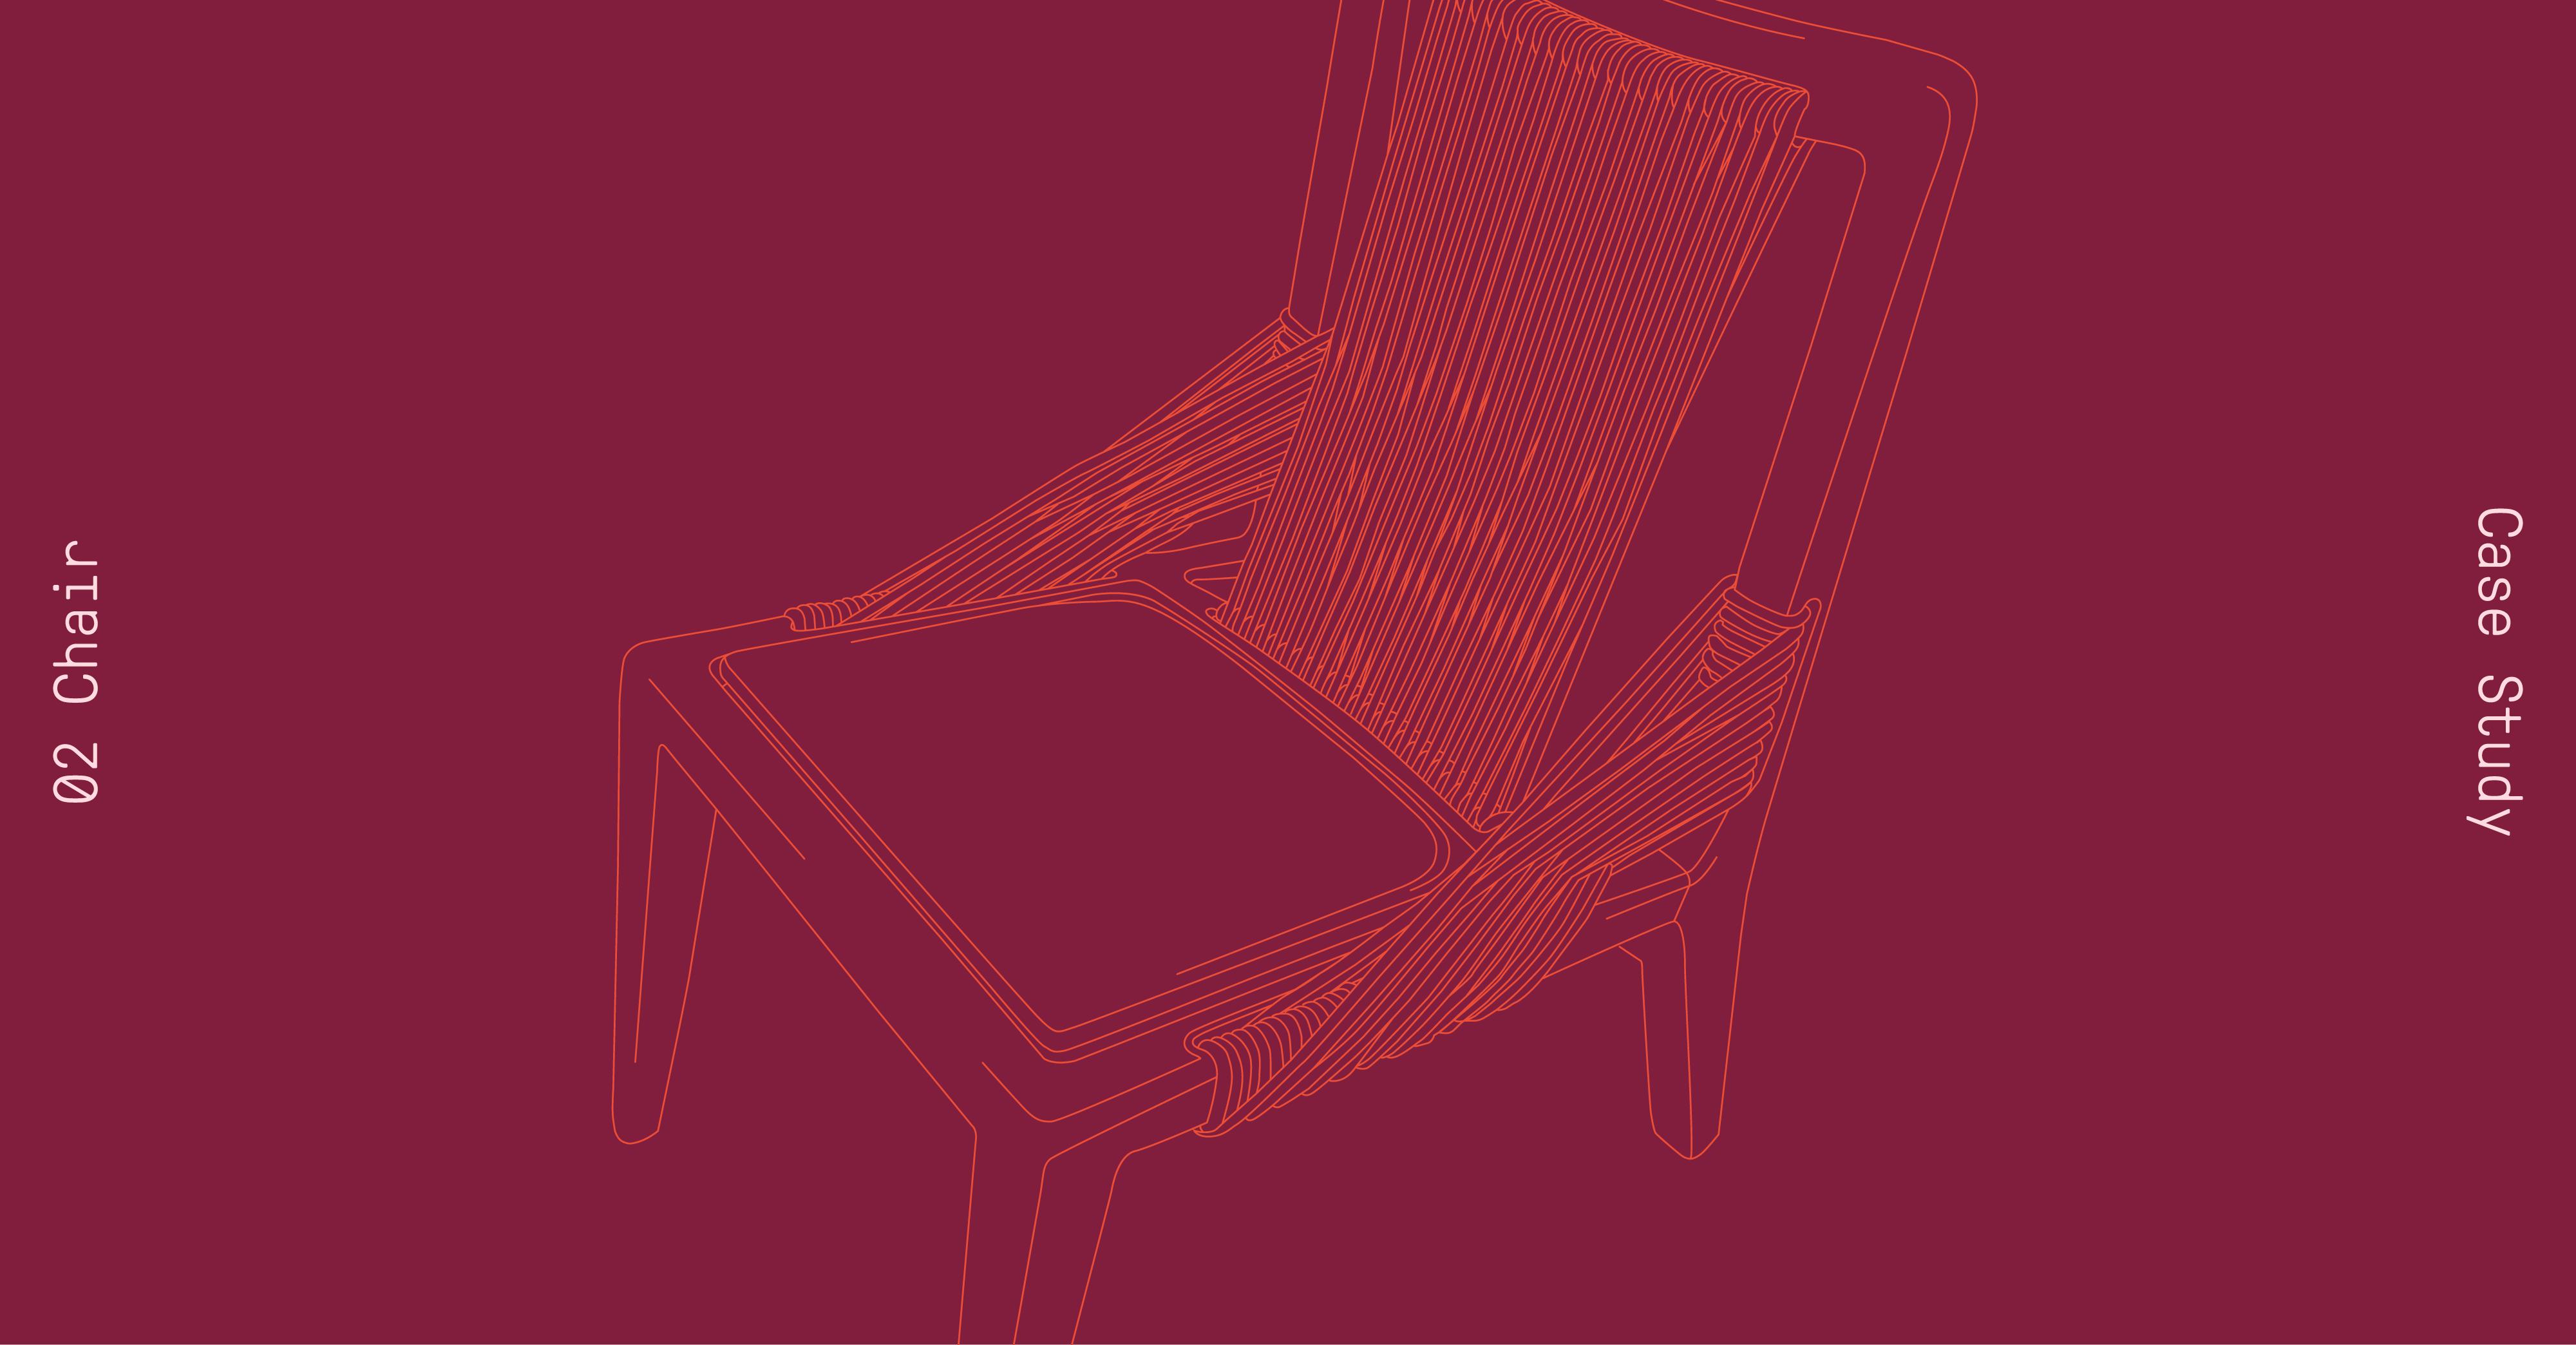 Case_Study02_Chair-Header